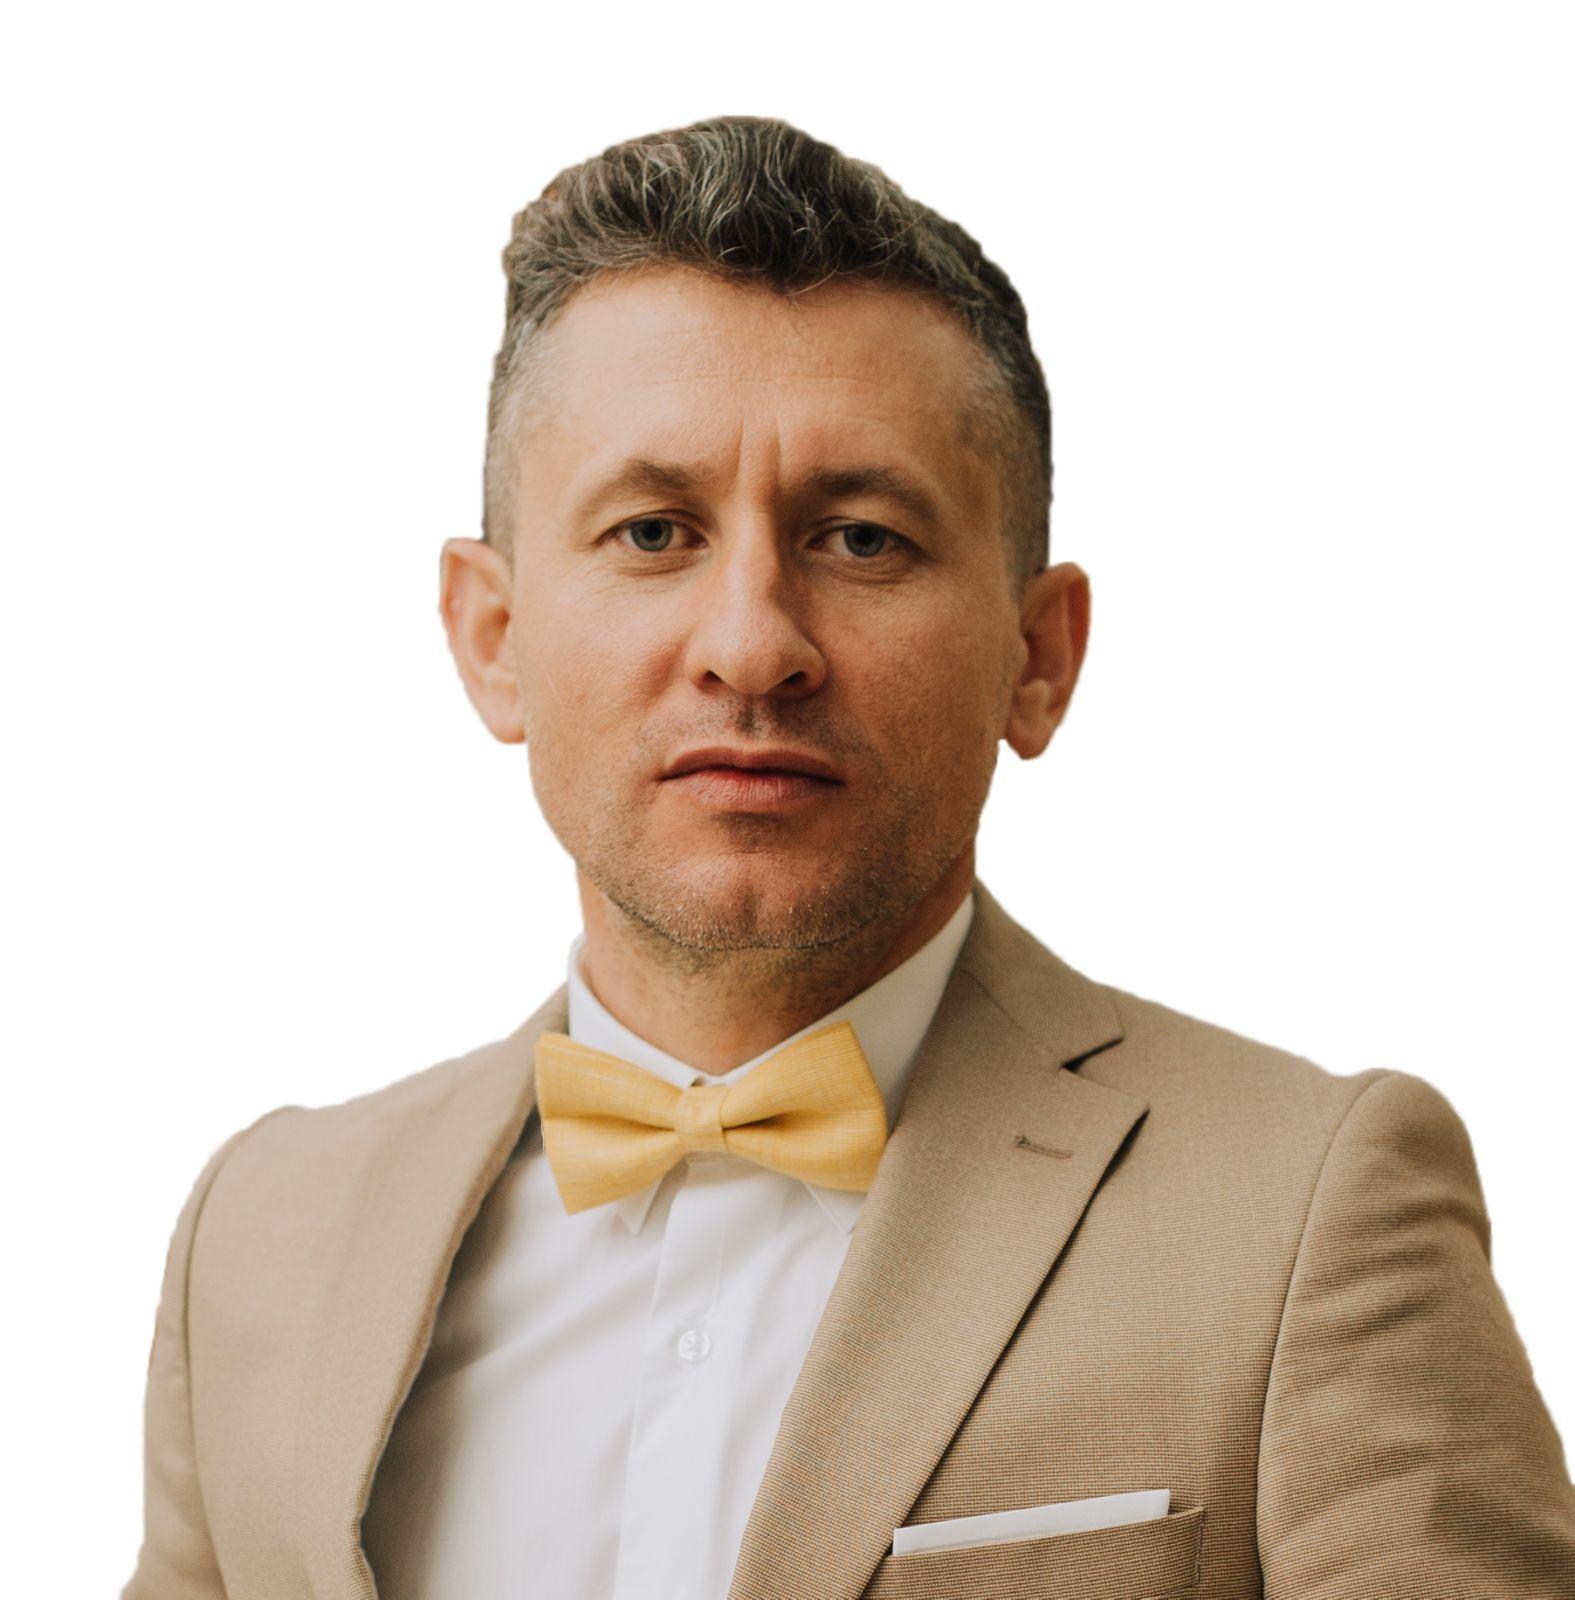 Andrițchi Alexandru